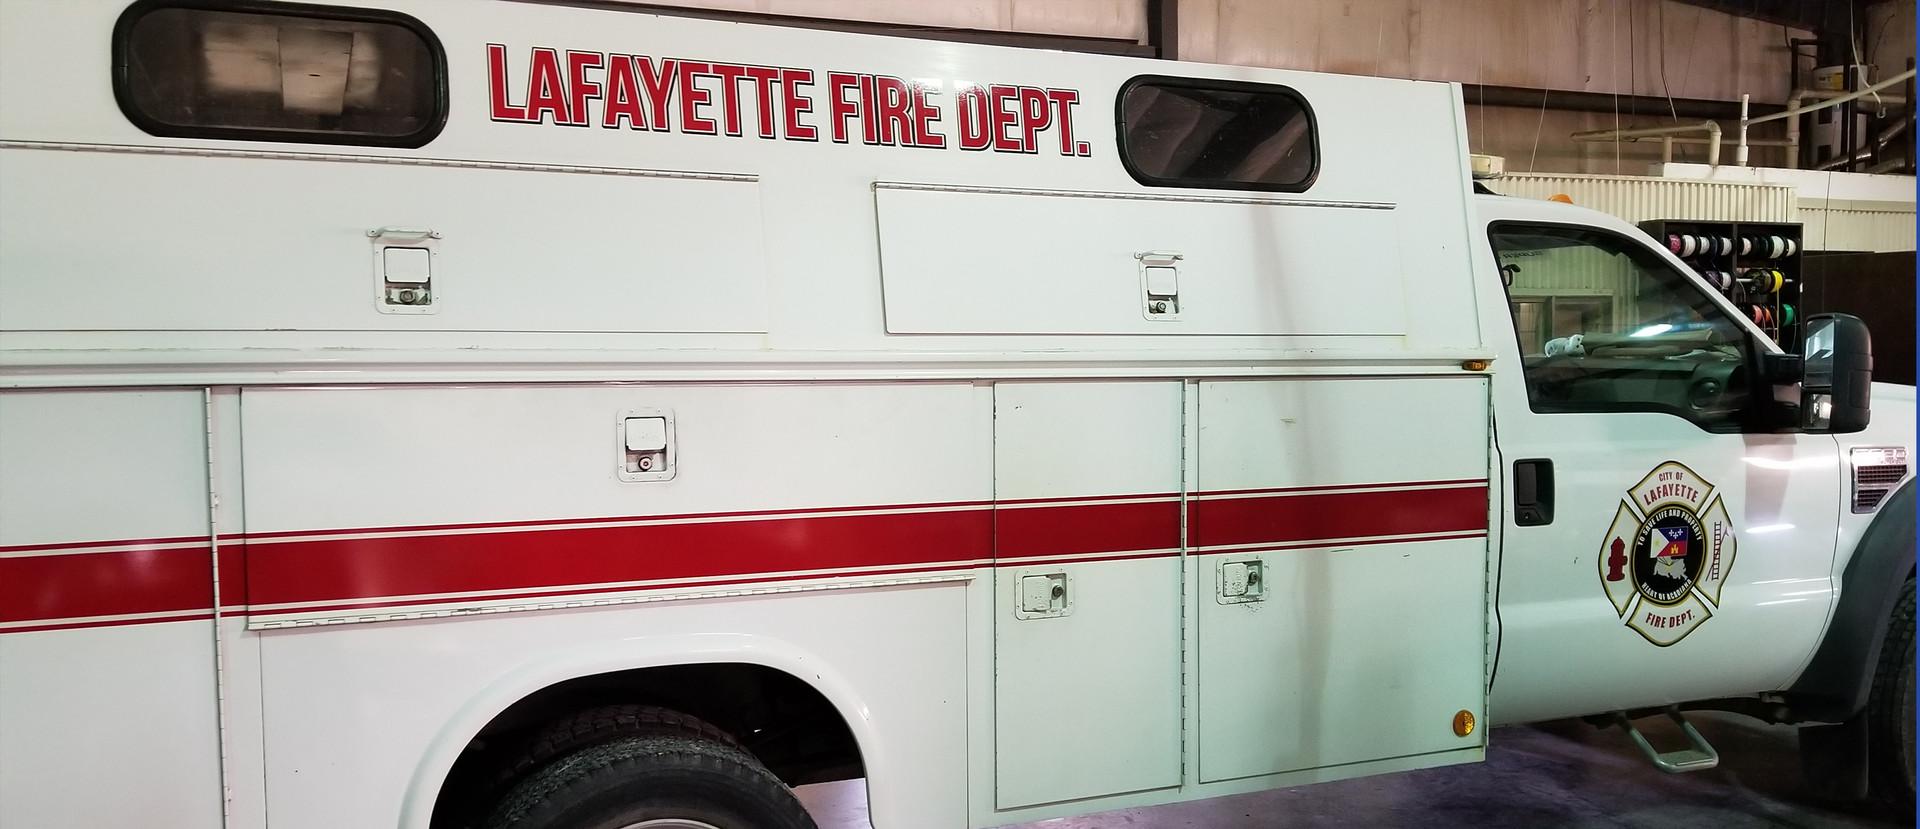 Lafayette Fire Dept.-Rescue Truck.jpg